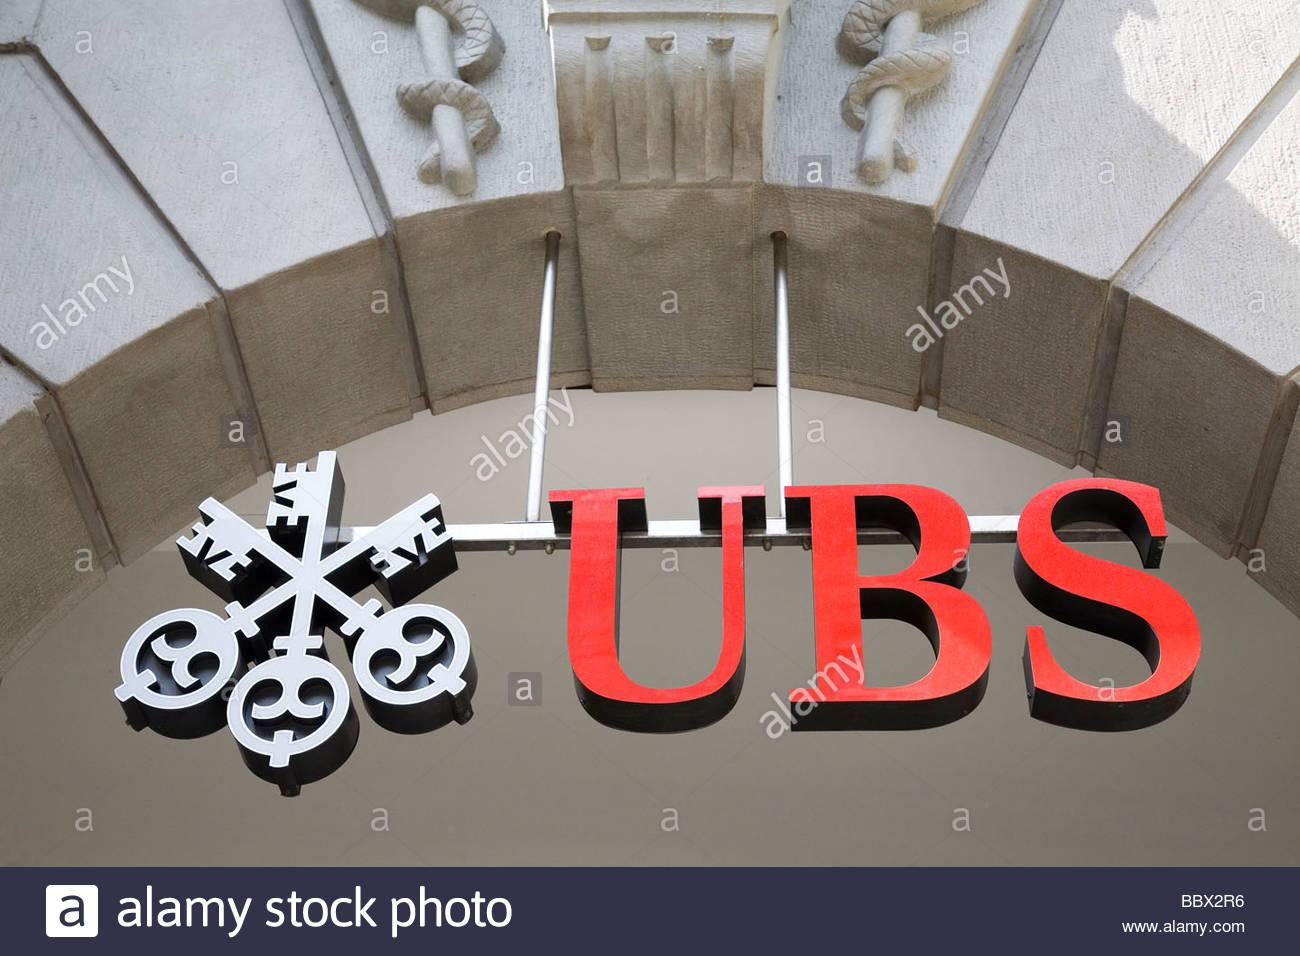 Ubs Switzerland Ag Zürich